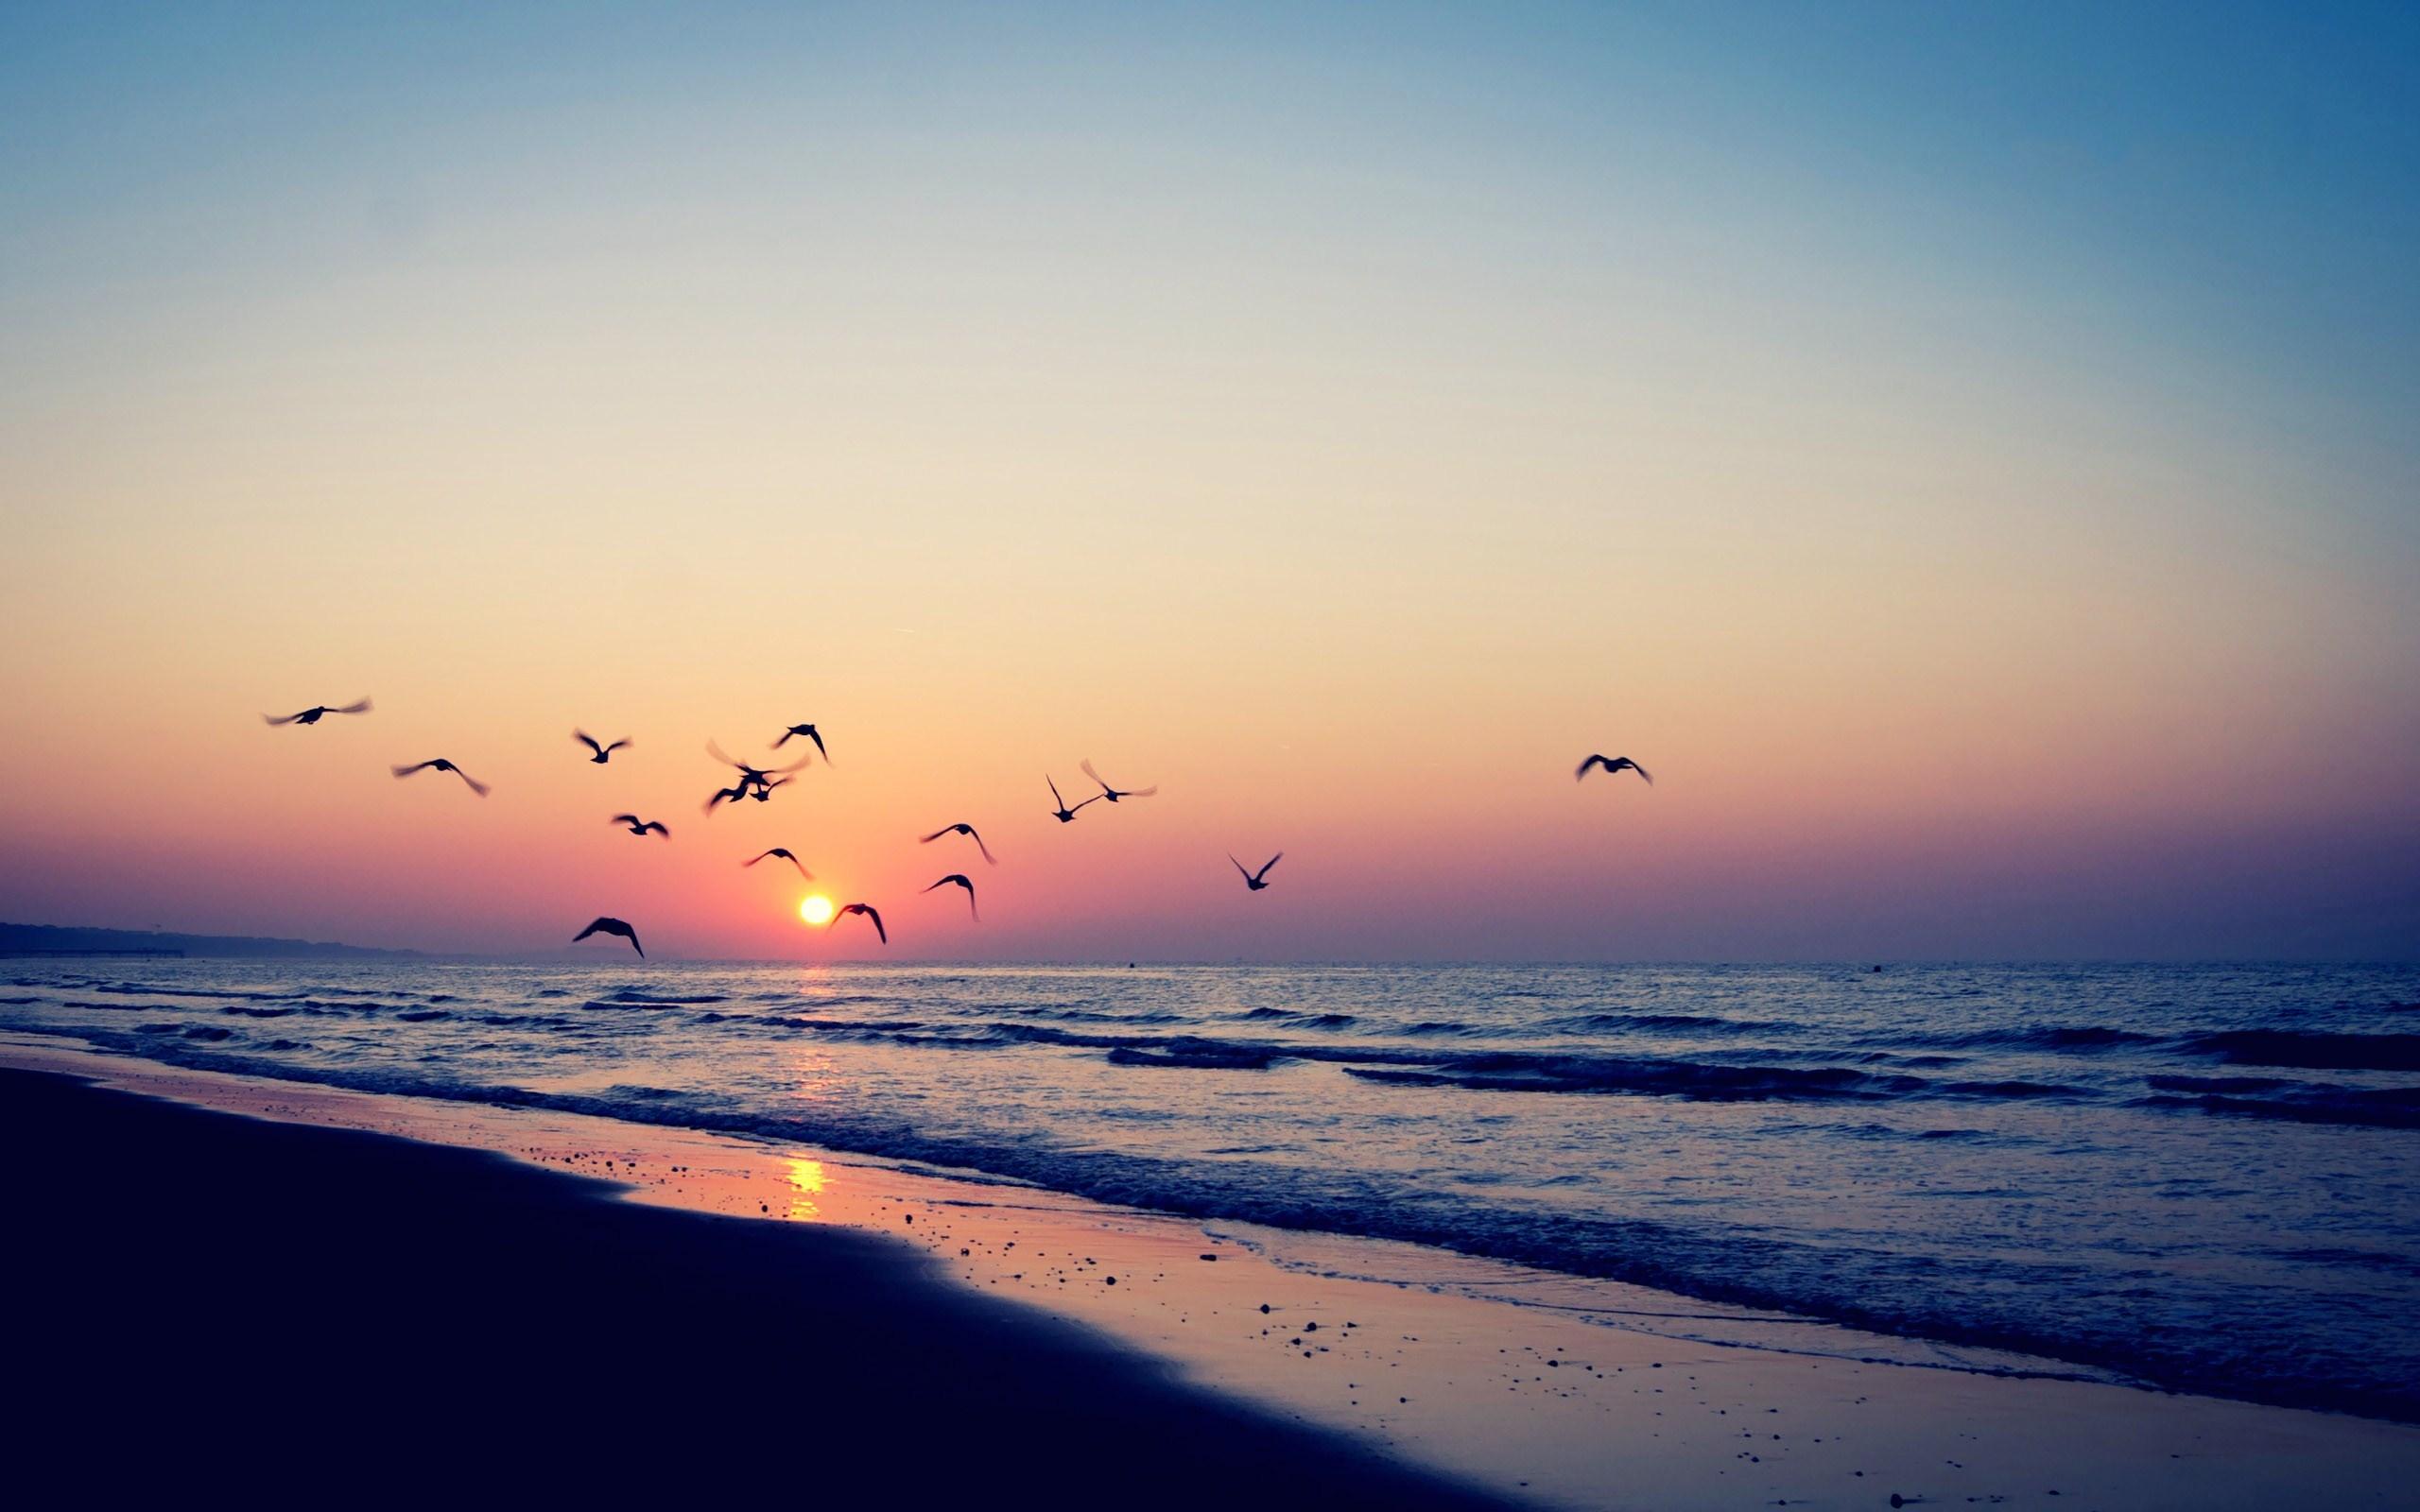 beach-sea-waves-sunset-birds-hd-wallpaper